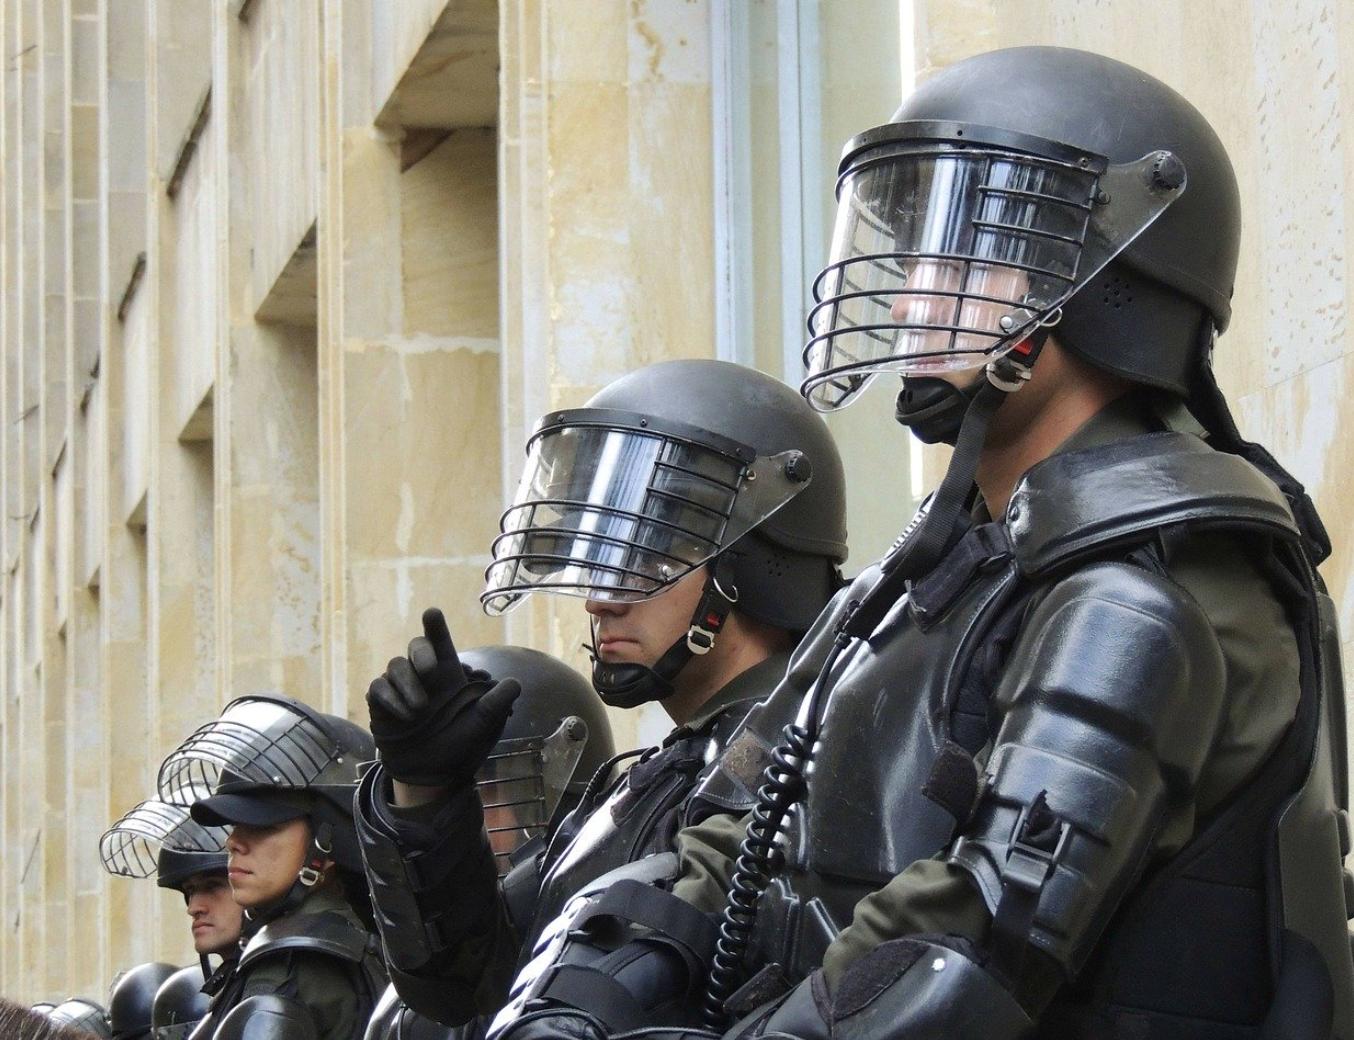 Riot police; image by Parameciorecords, via Pixabay.com.